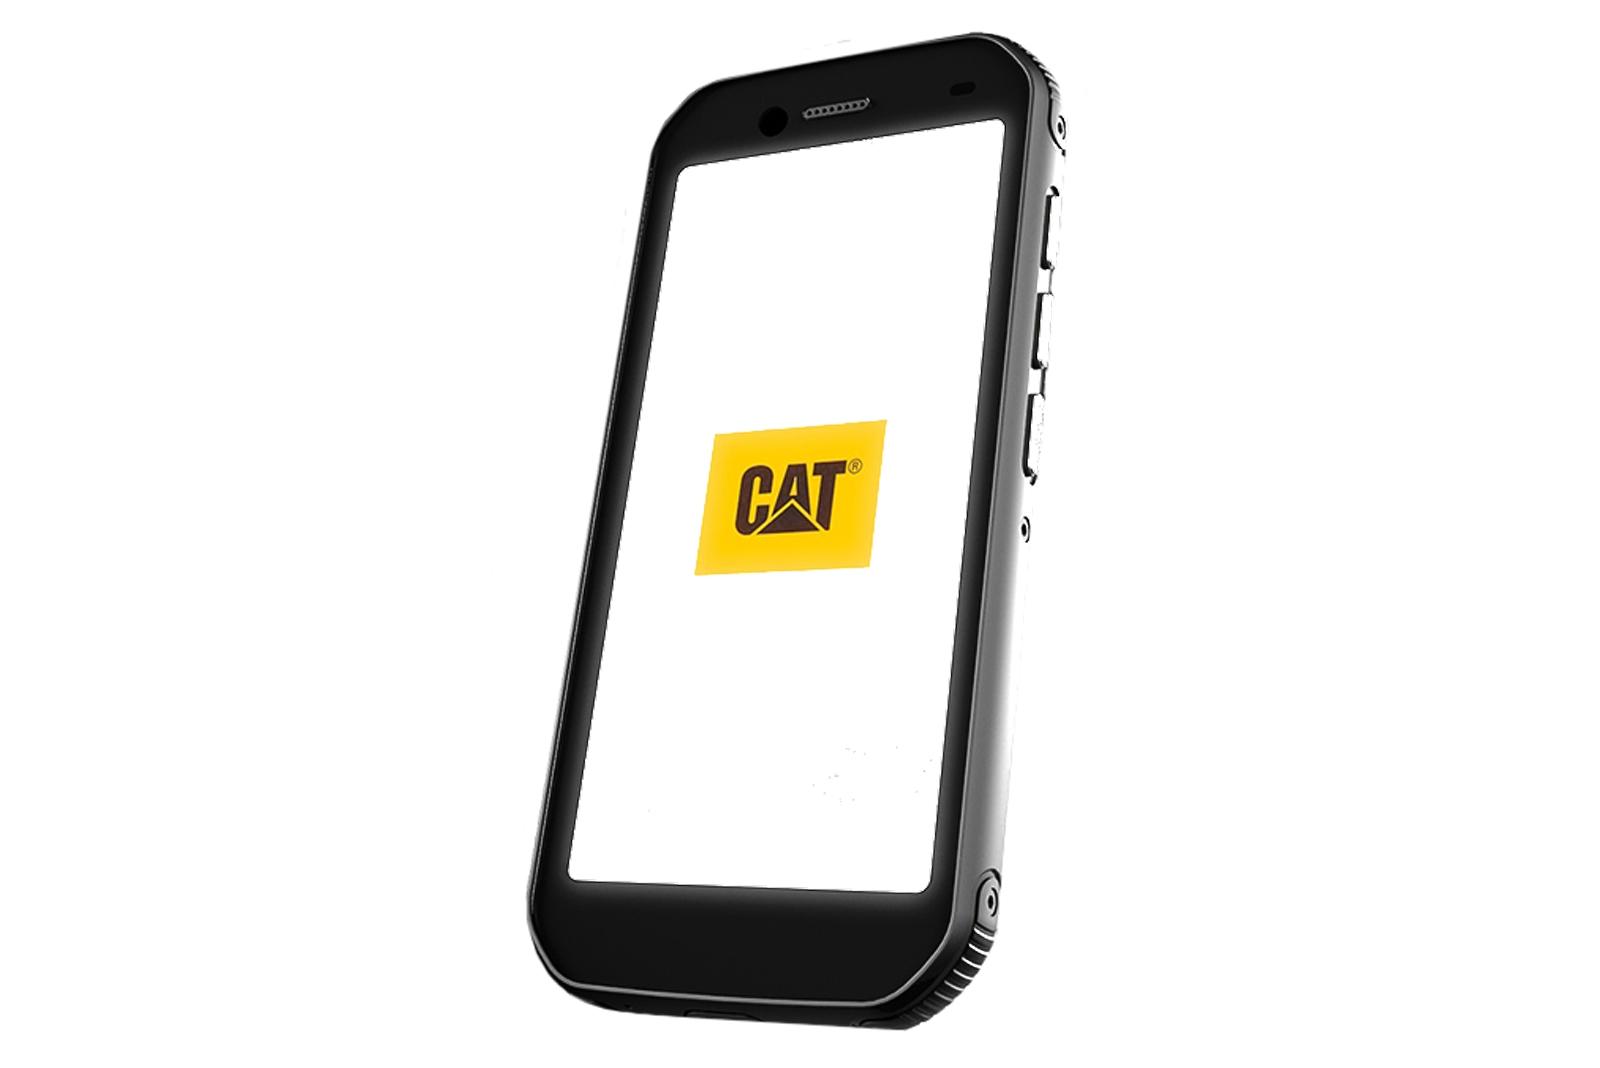 WIN a CAT S42 tough smartphone!